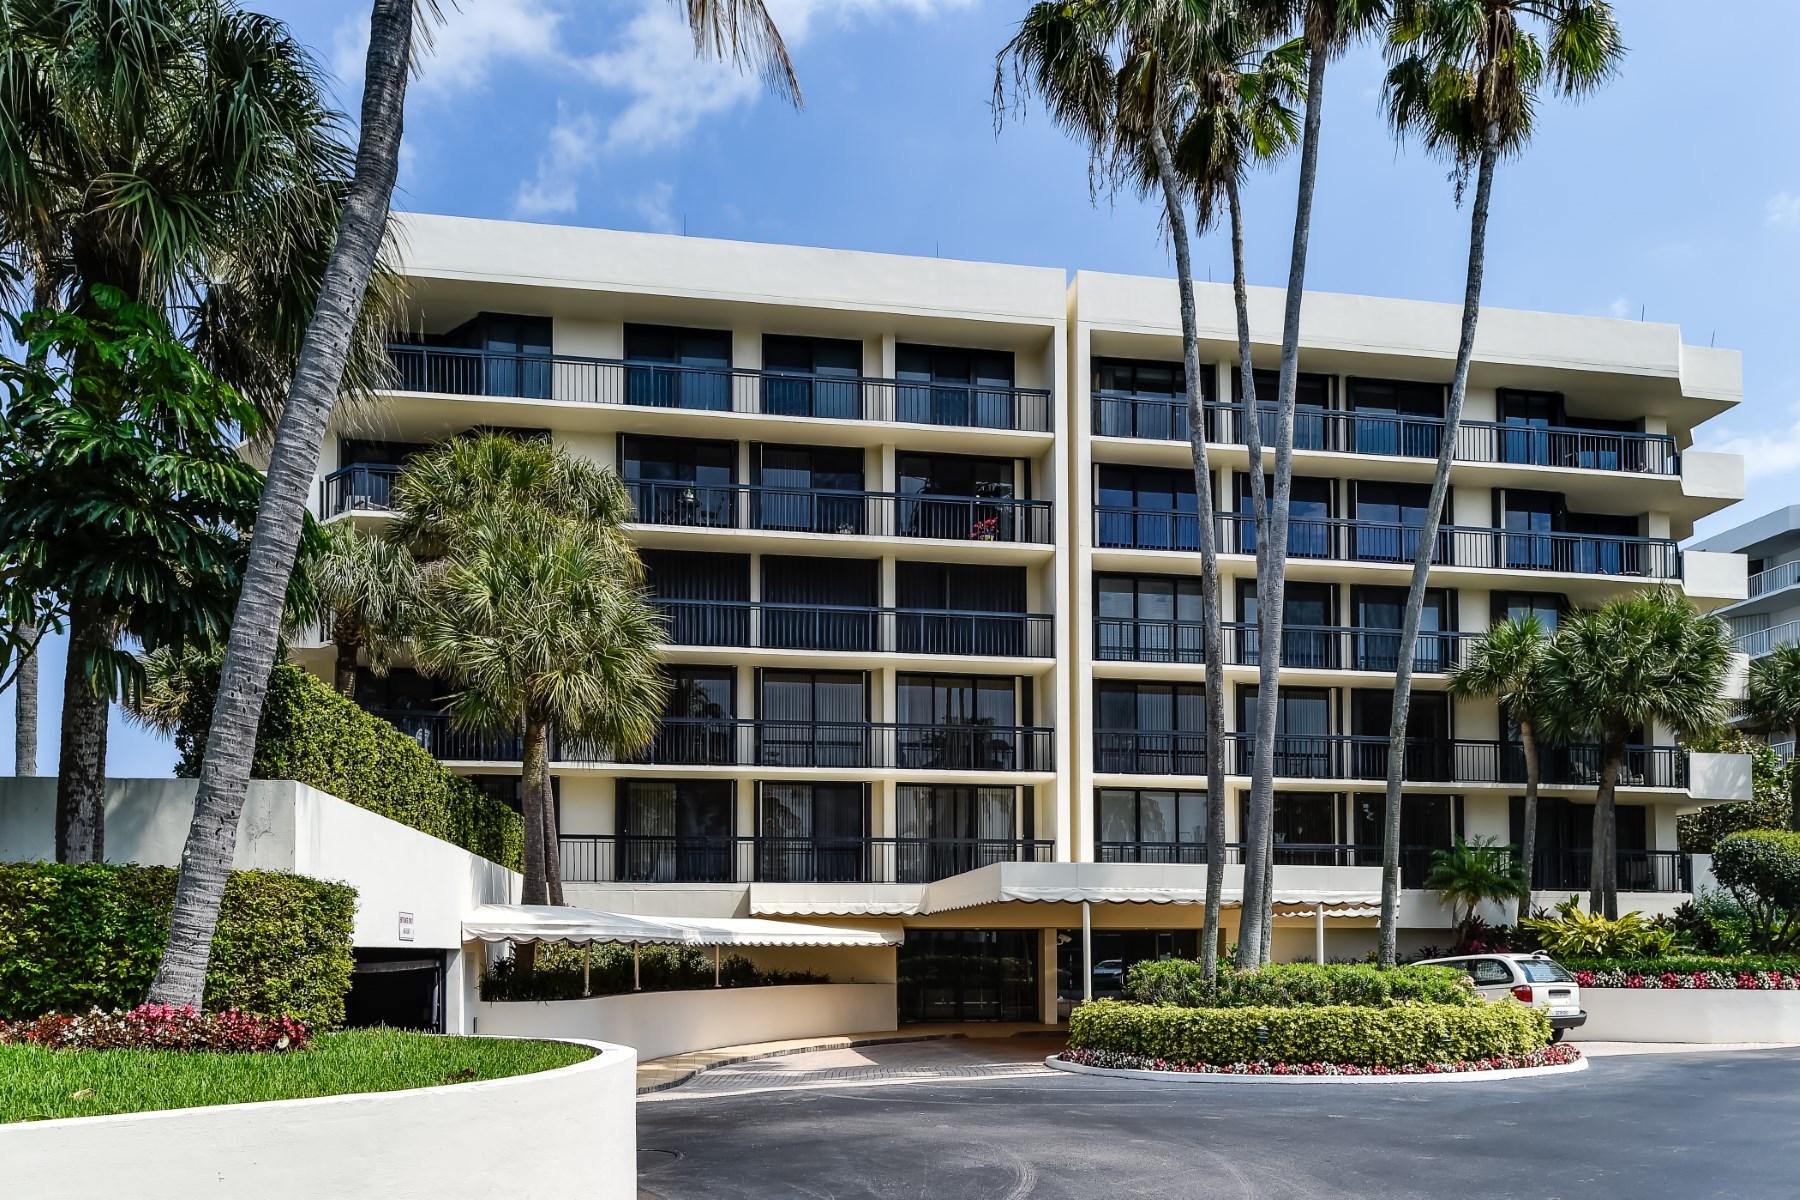 Condomínio para Venda às Carlton Place Condo - Palm Beach 3140 S Ocean Blvd # 106 Palm Beach, Florida 33480 Estados Unidos